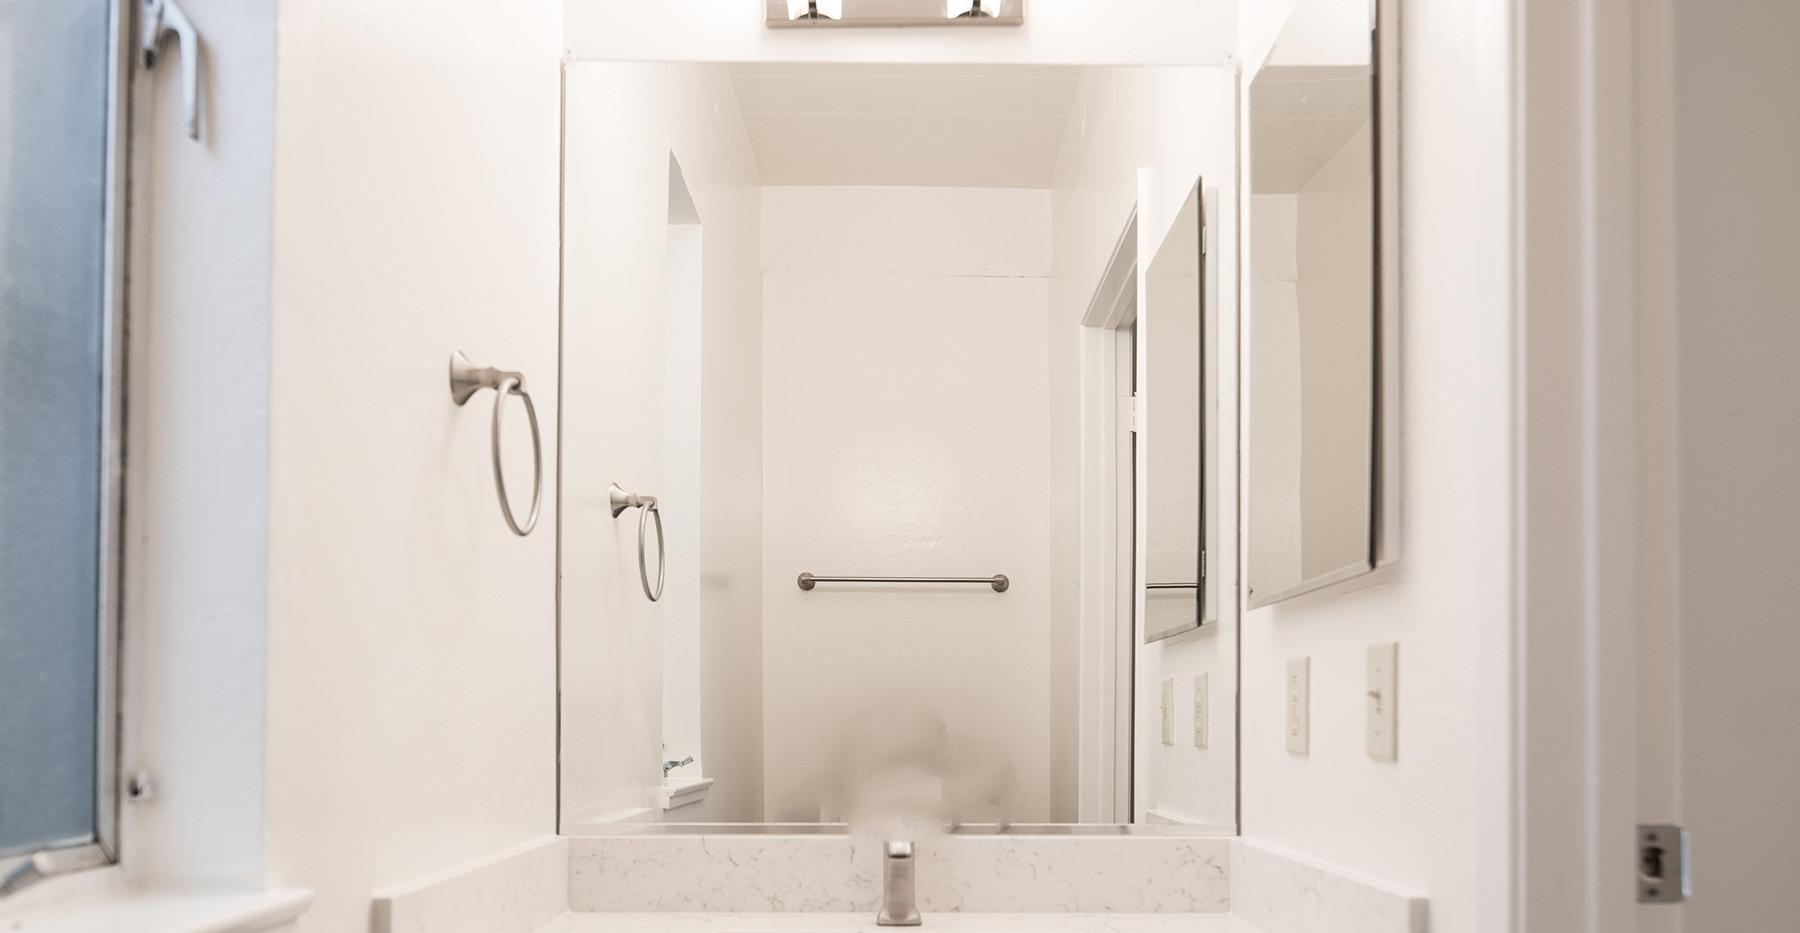 6 Lyford Dr unit 7 Guest Bath.jpg